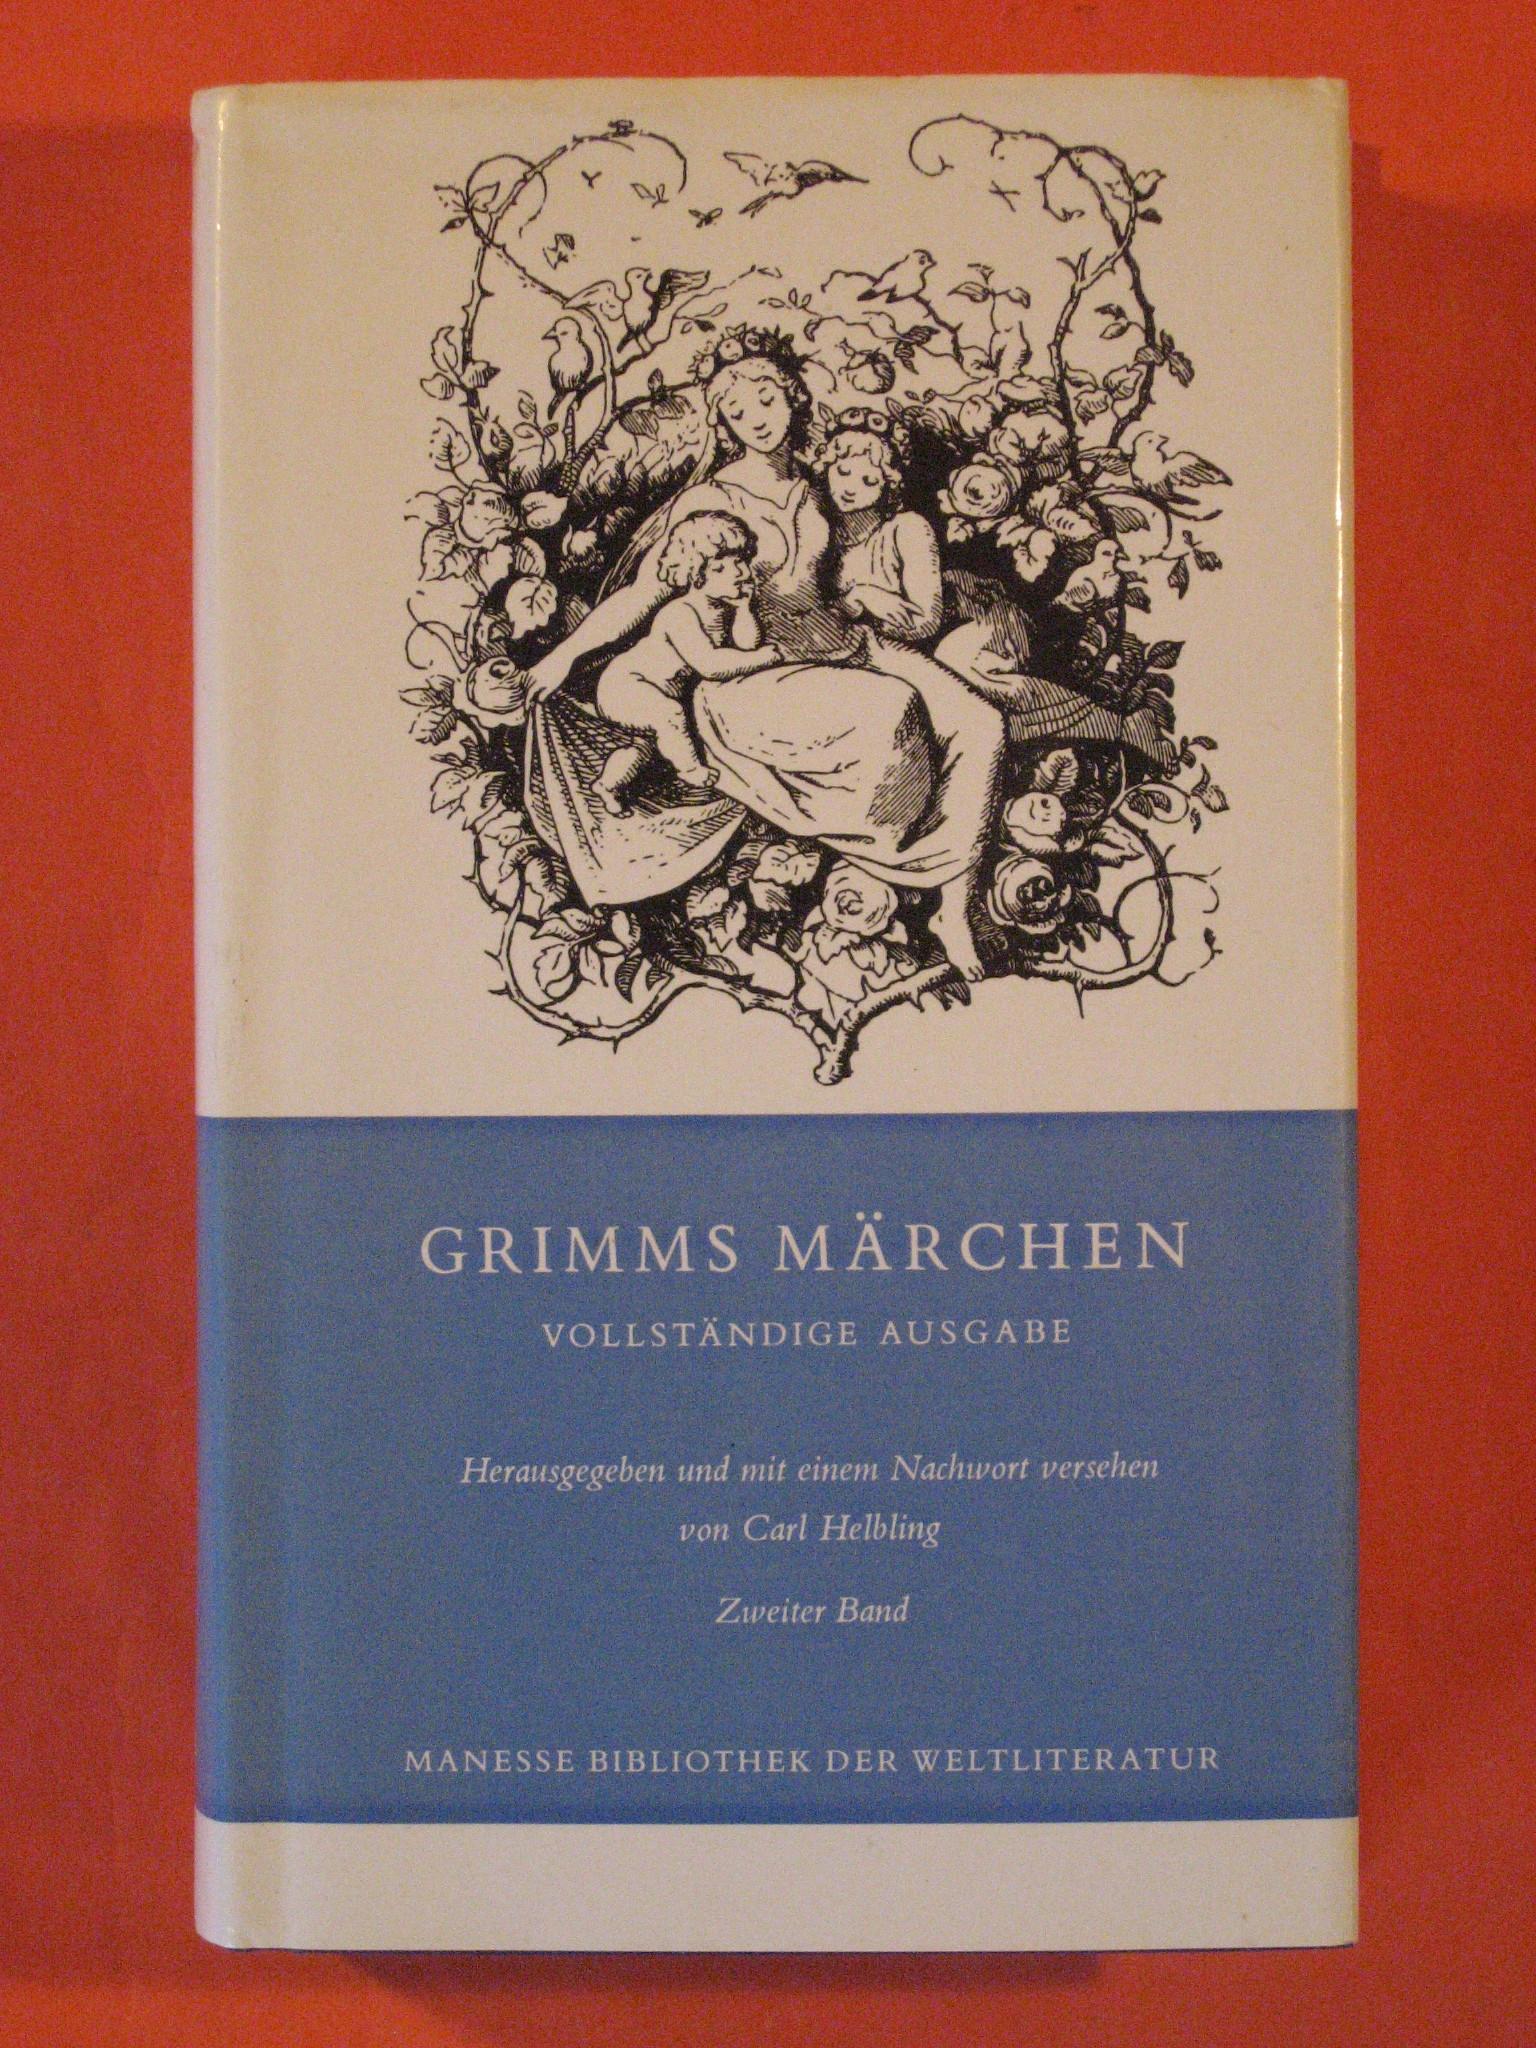 Grimms Marchen Vollstandige Ausgabe:  Kinder- und Hausmärchen  - Vol. 2, Jacob Grimm, Wilhelm Grimm